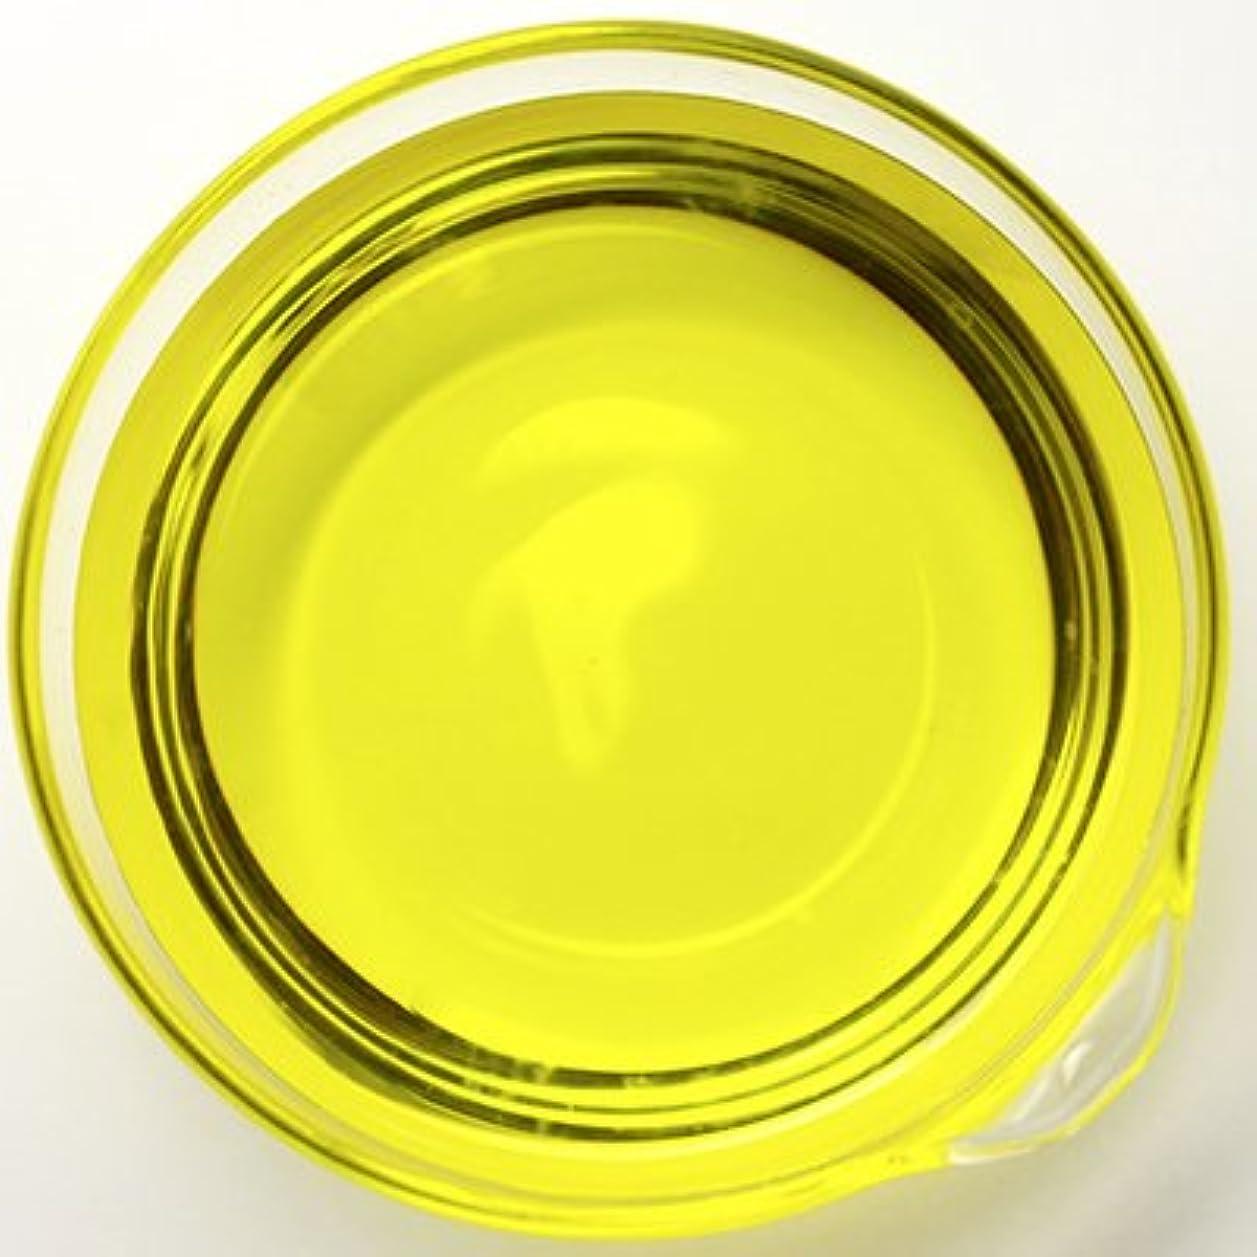 シャープお肉滴下オーガニック ボリジオイル [ボラージオイル] 500ml 【ルリヂシャ油/手作りコスメ/美容オイル/キャリアオイル/マッサージオイル】